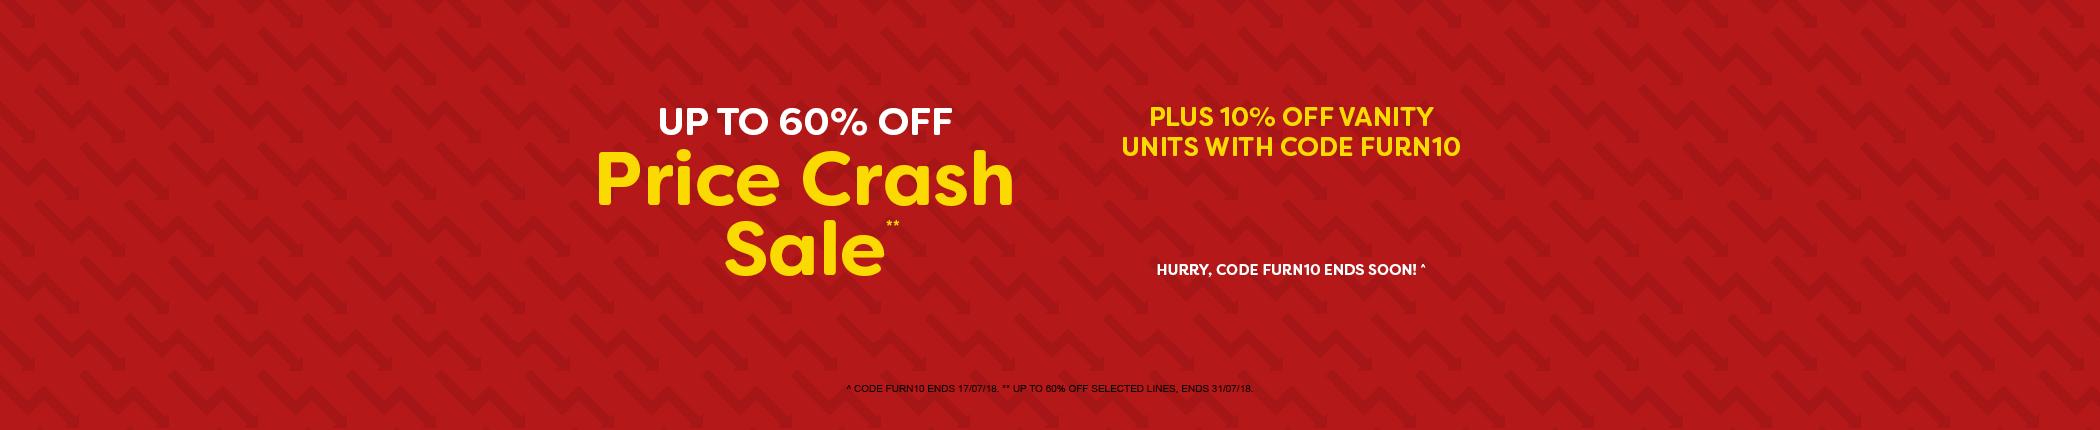 Price Crash Sale